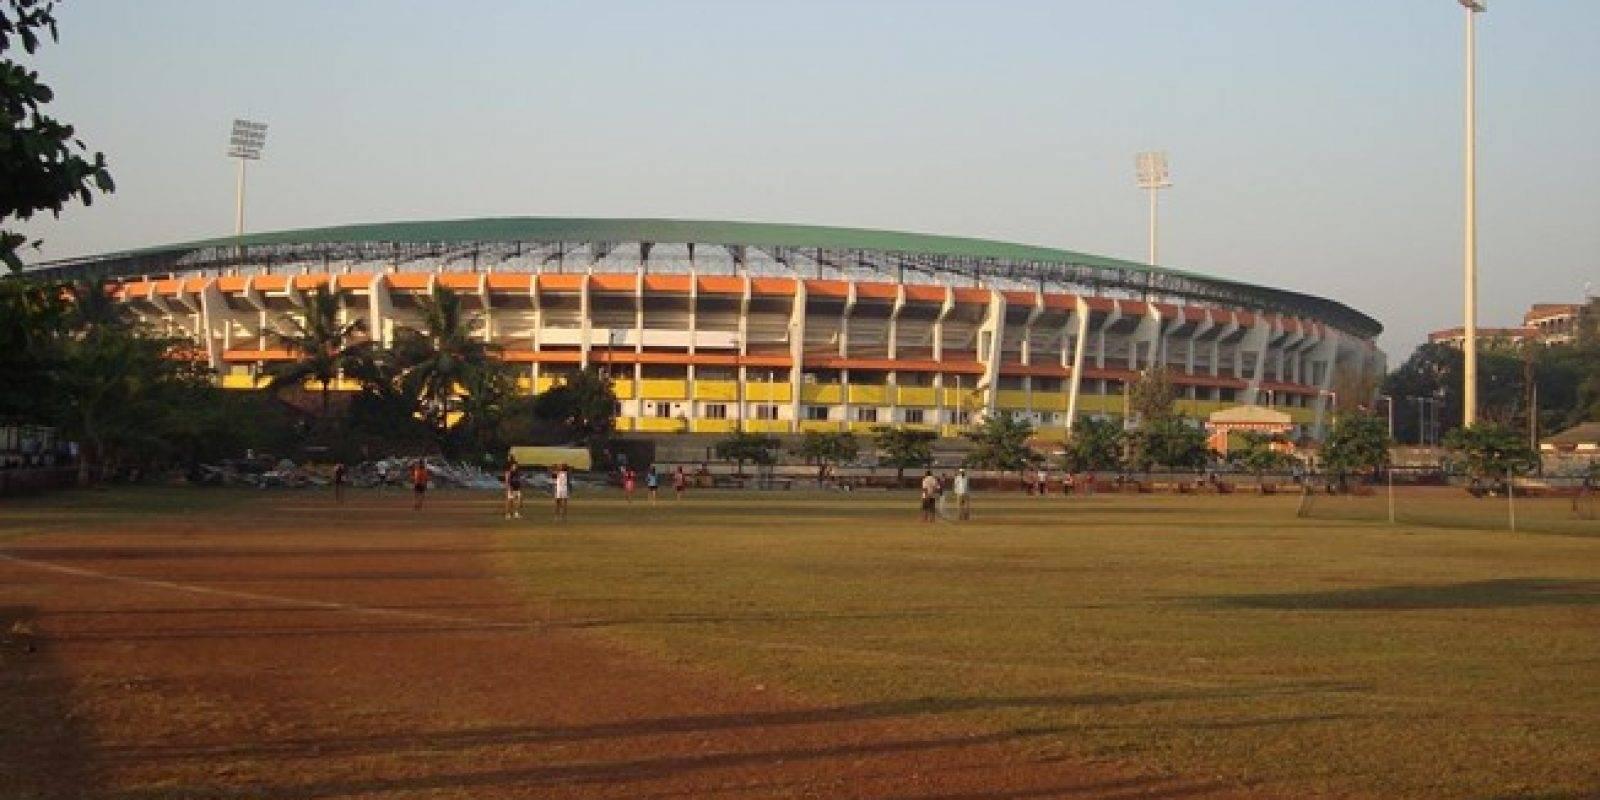 Jawaharlal Nehru Stadium (Margao): Es uno de los tres estadios del Mundial Sub 17 que cambió su nombre para rendir homenaje al primer Primer Ministro de India. Fue inaugurado en 1989 y remodelado en 2014, quedando con una capacidad para 19.000 espectadores, y fue sede del clasificatoria mundialista Sub 17 de Asia.